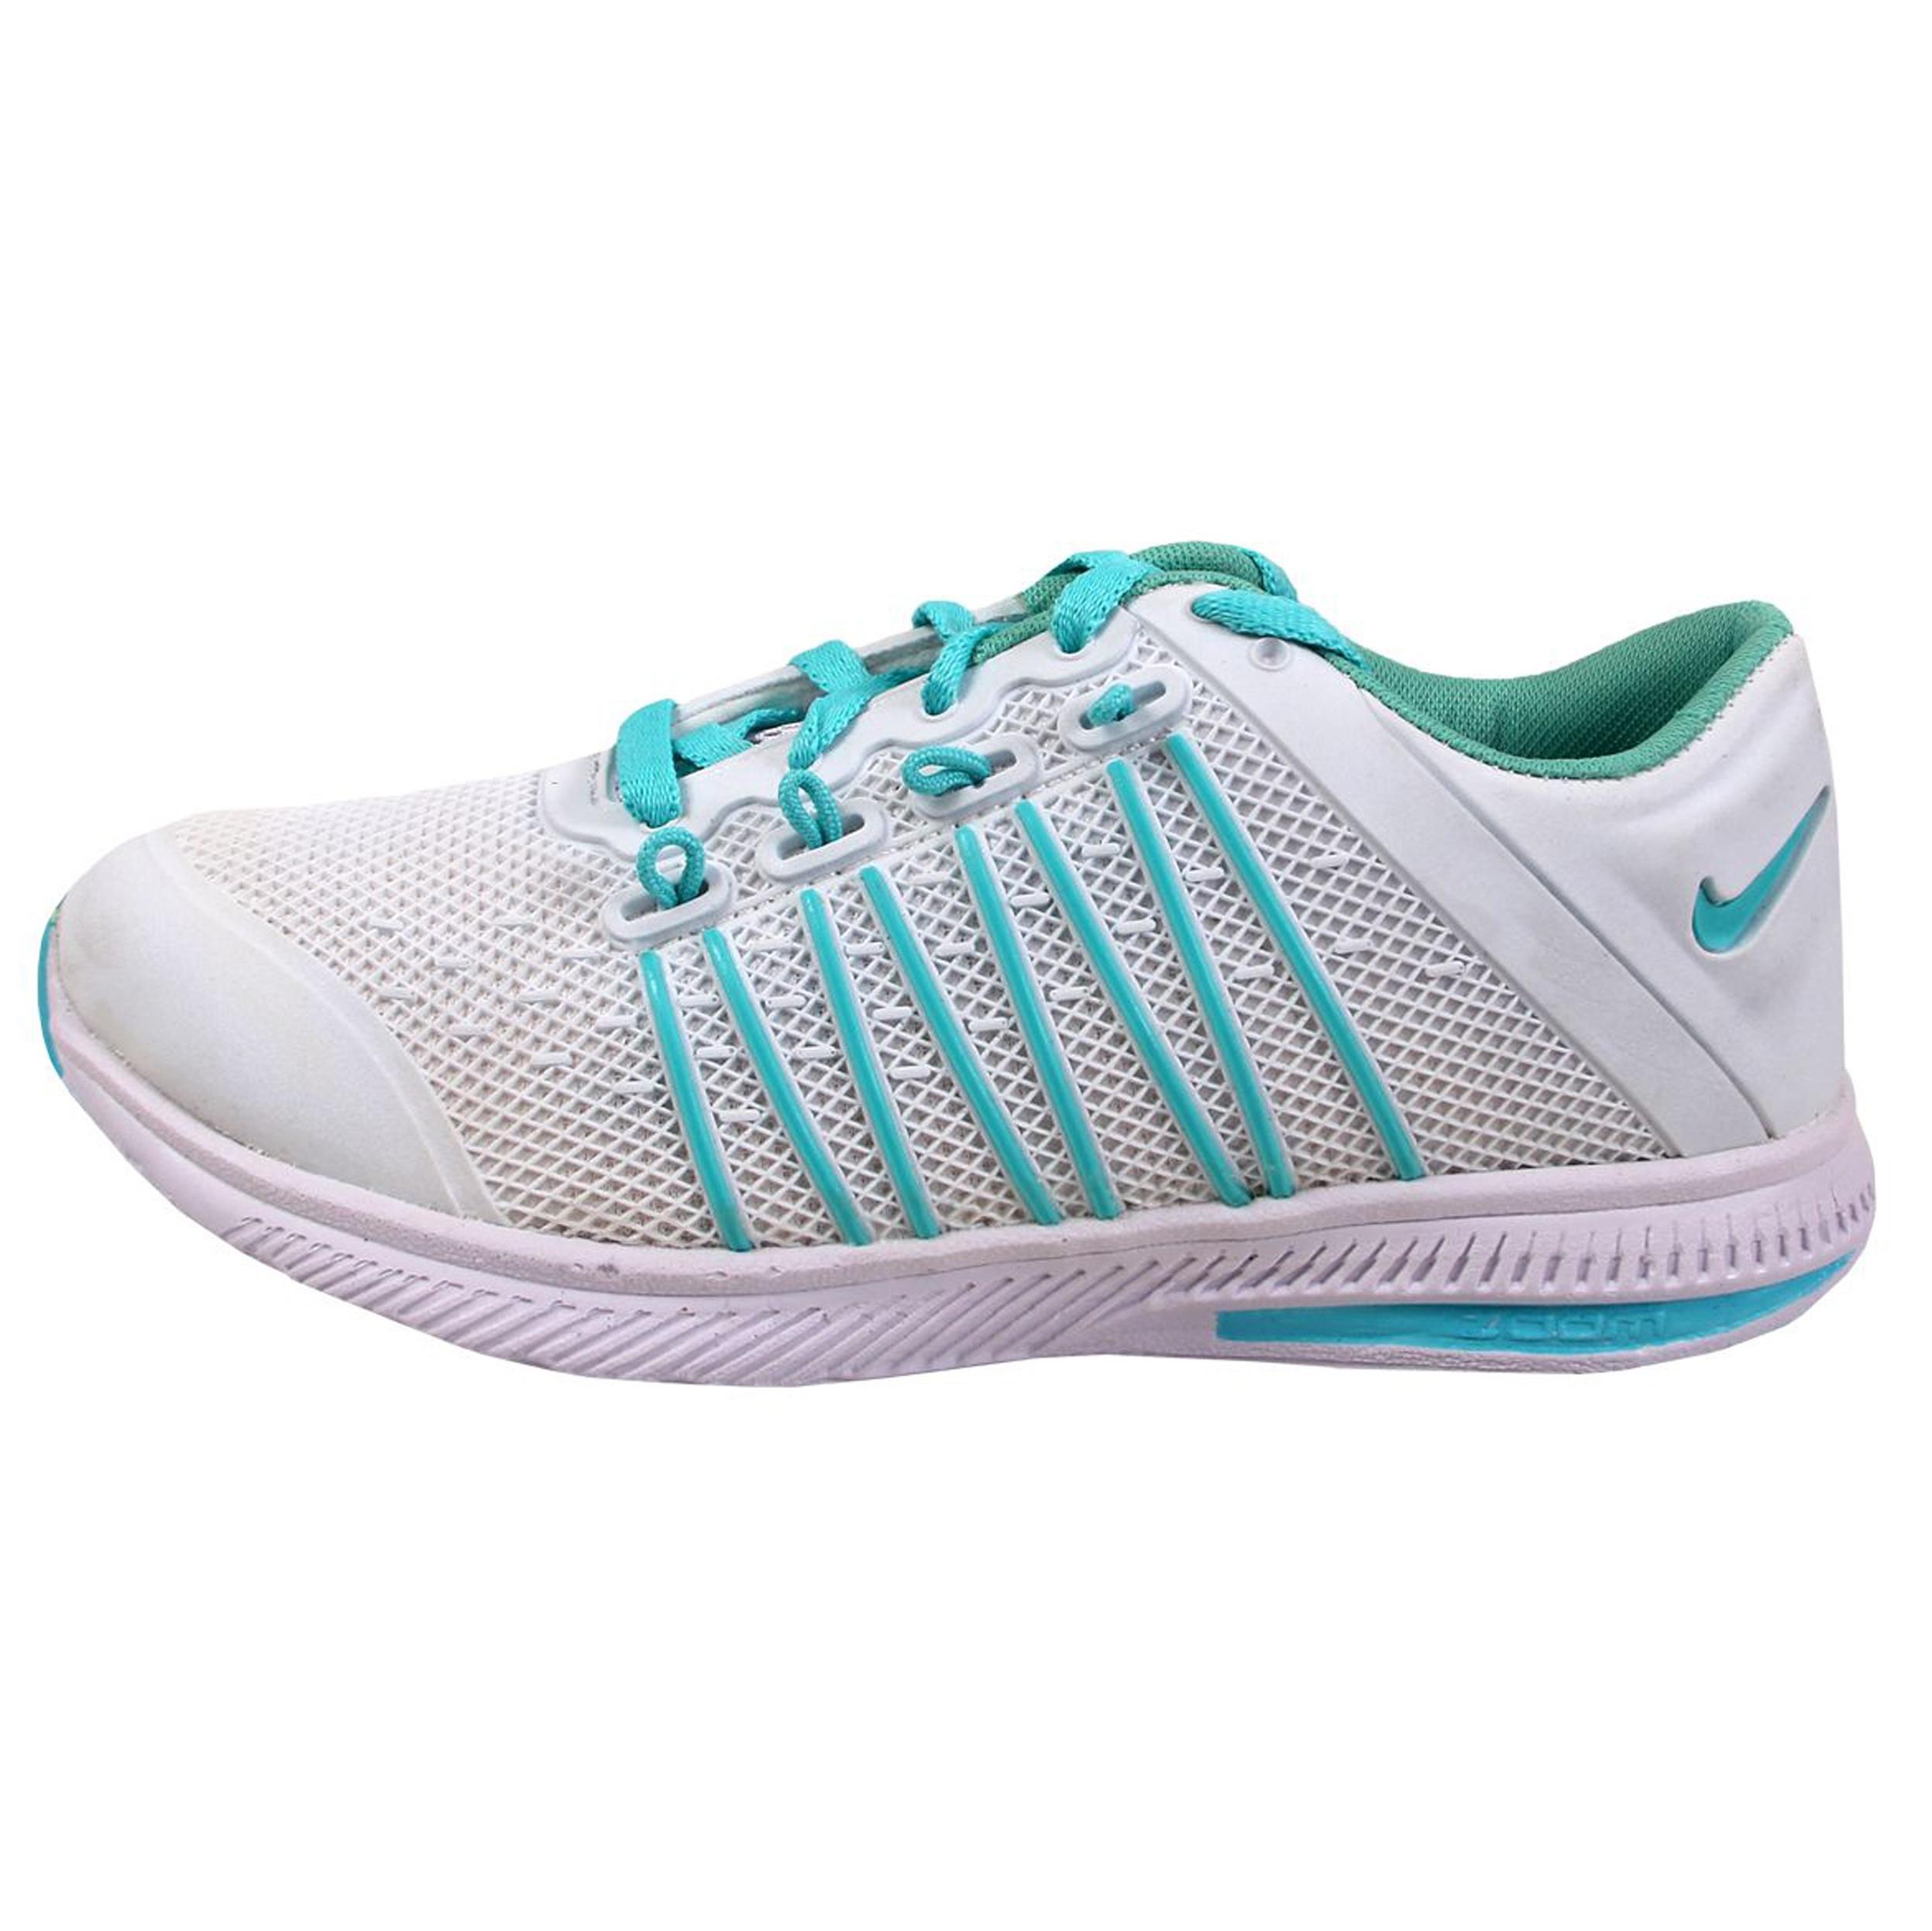 کفش مخصوص پیاده روی زنانه کد 53-2396140